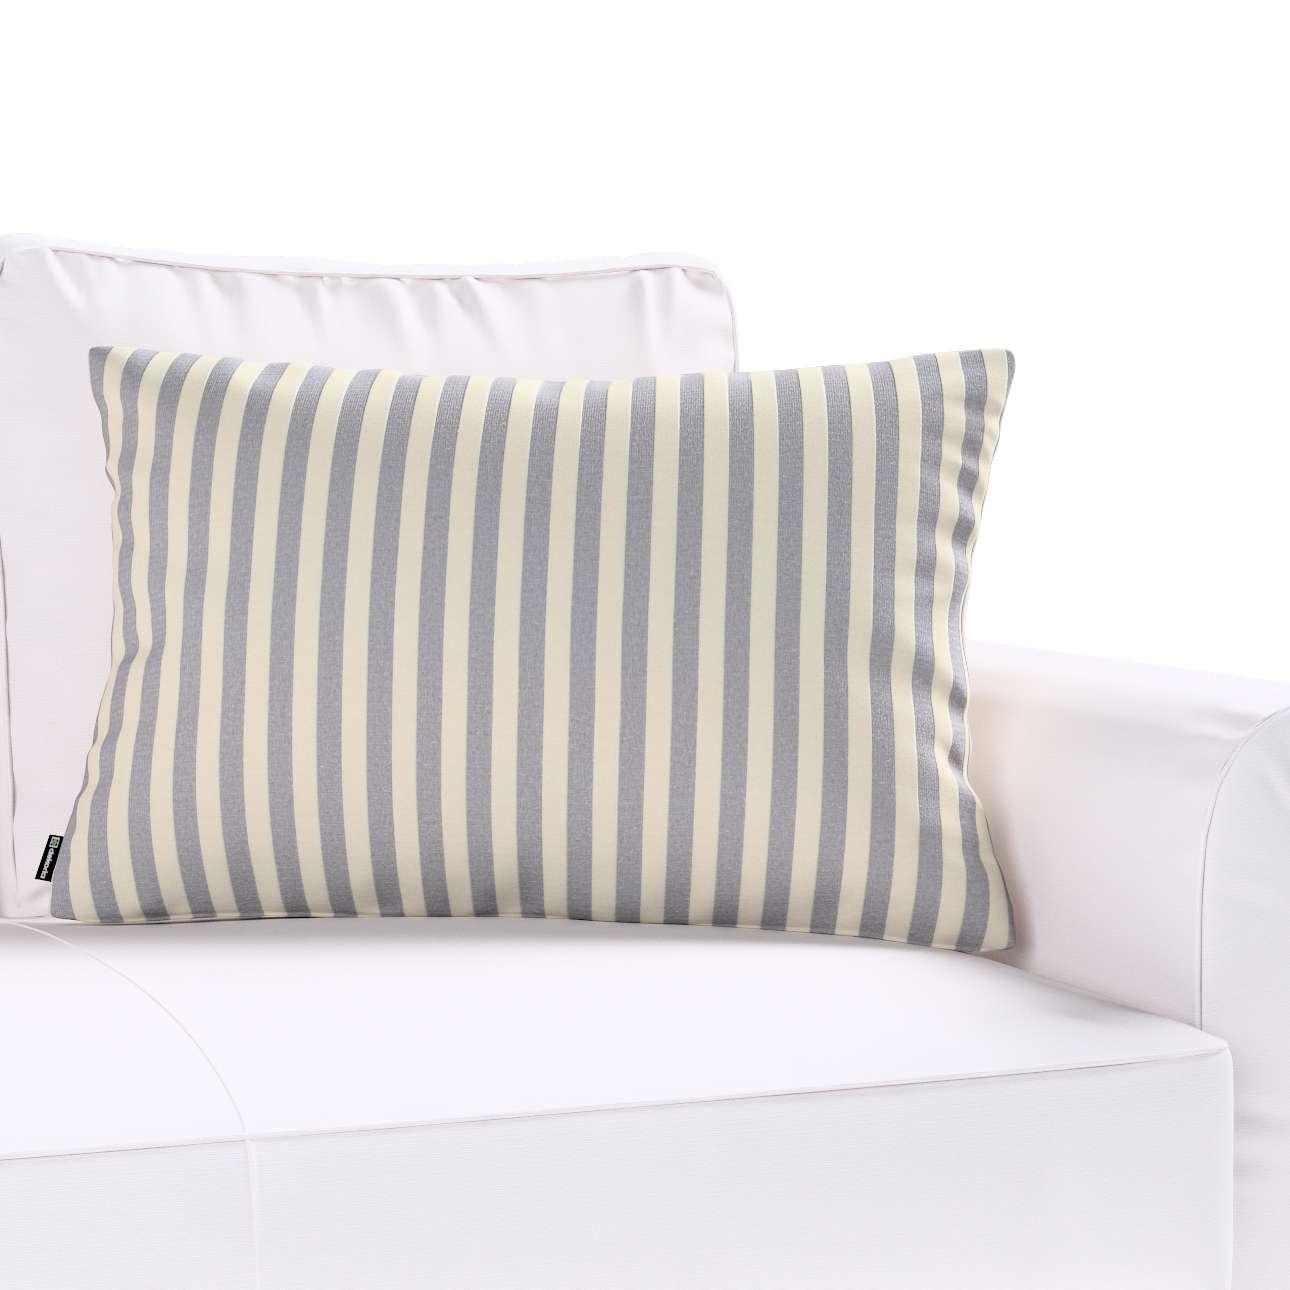 Poszewka Kinga na poduszkę prostokątną 60 x 40 cm w kolekcji Quadro, tkanina: 136-02